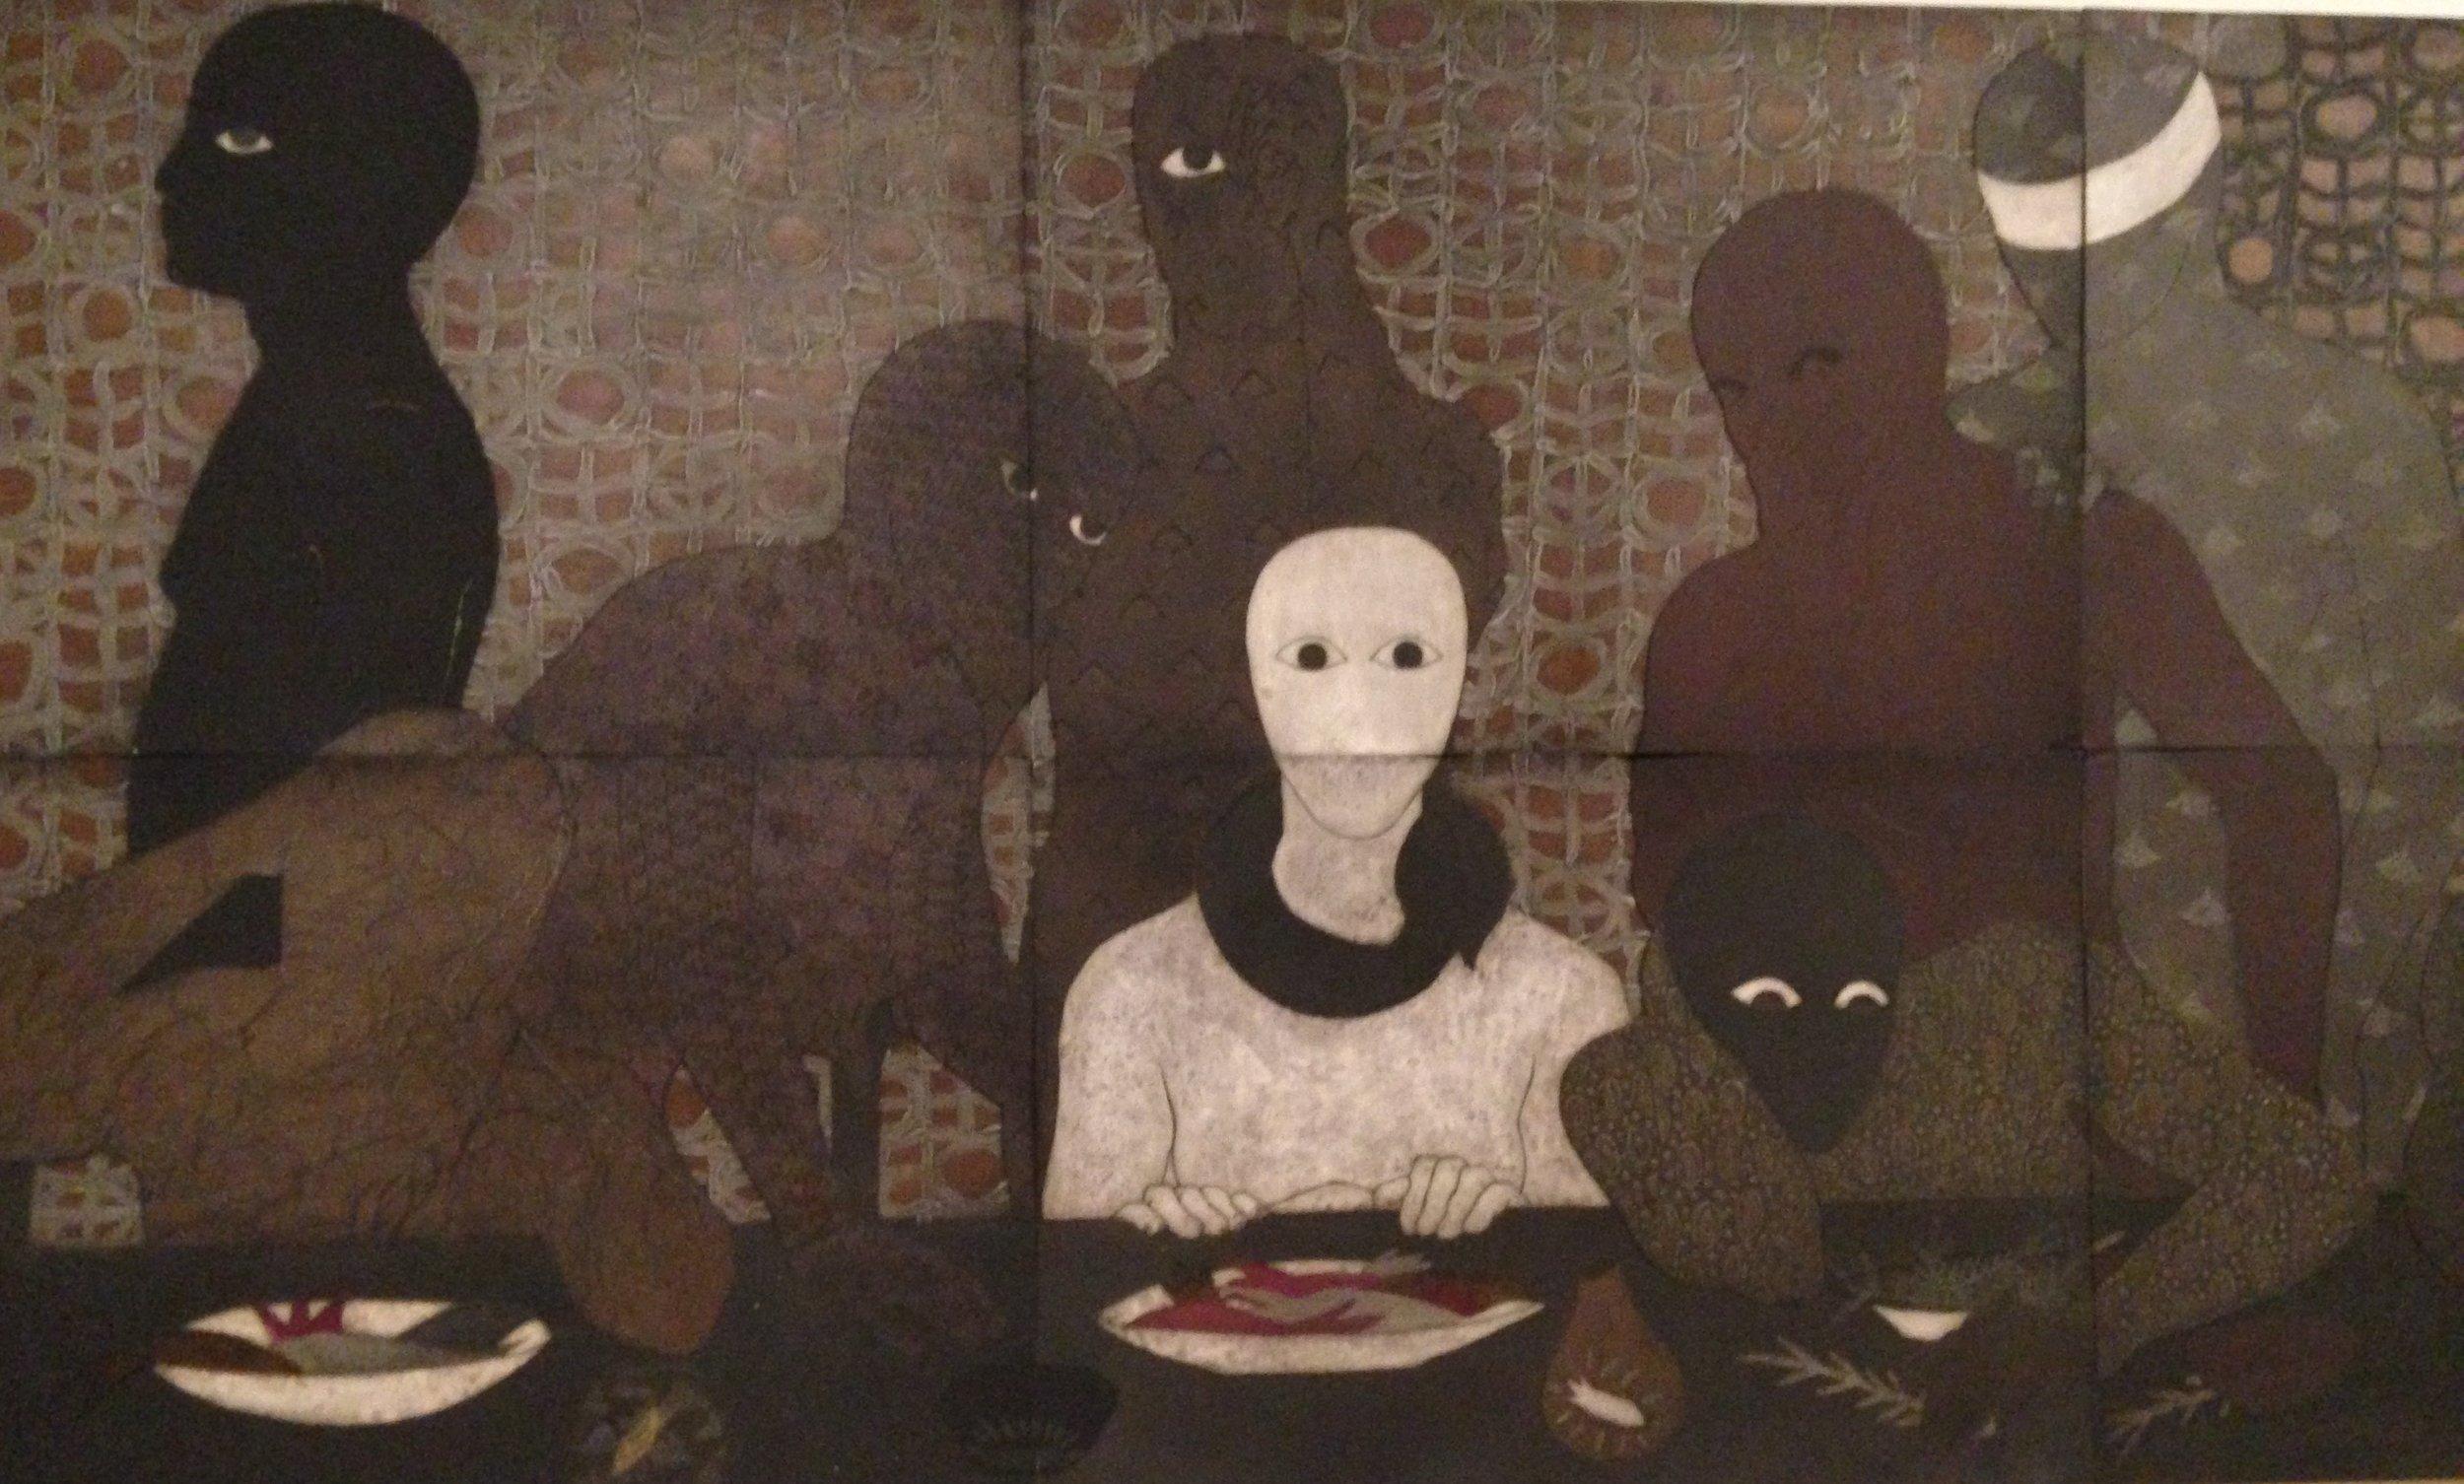 La Cena,  1991